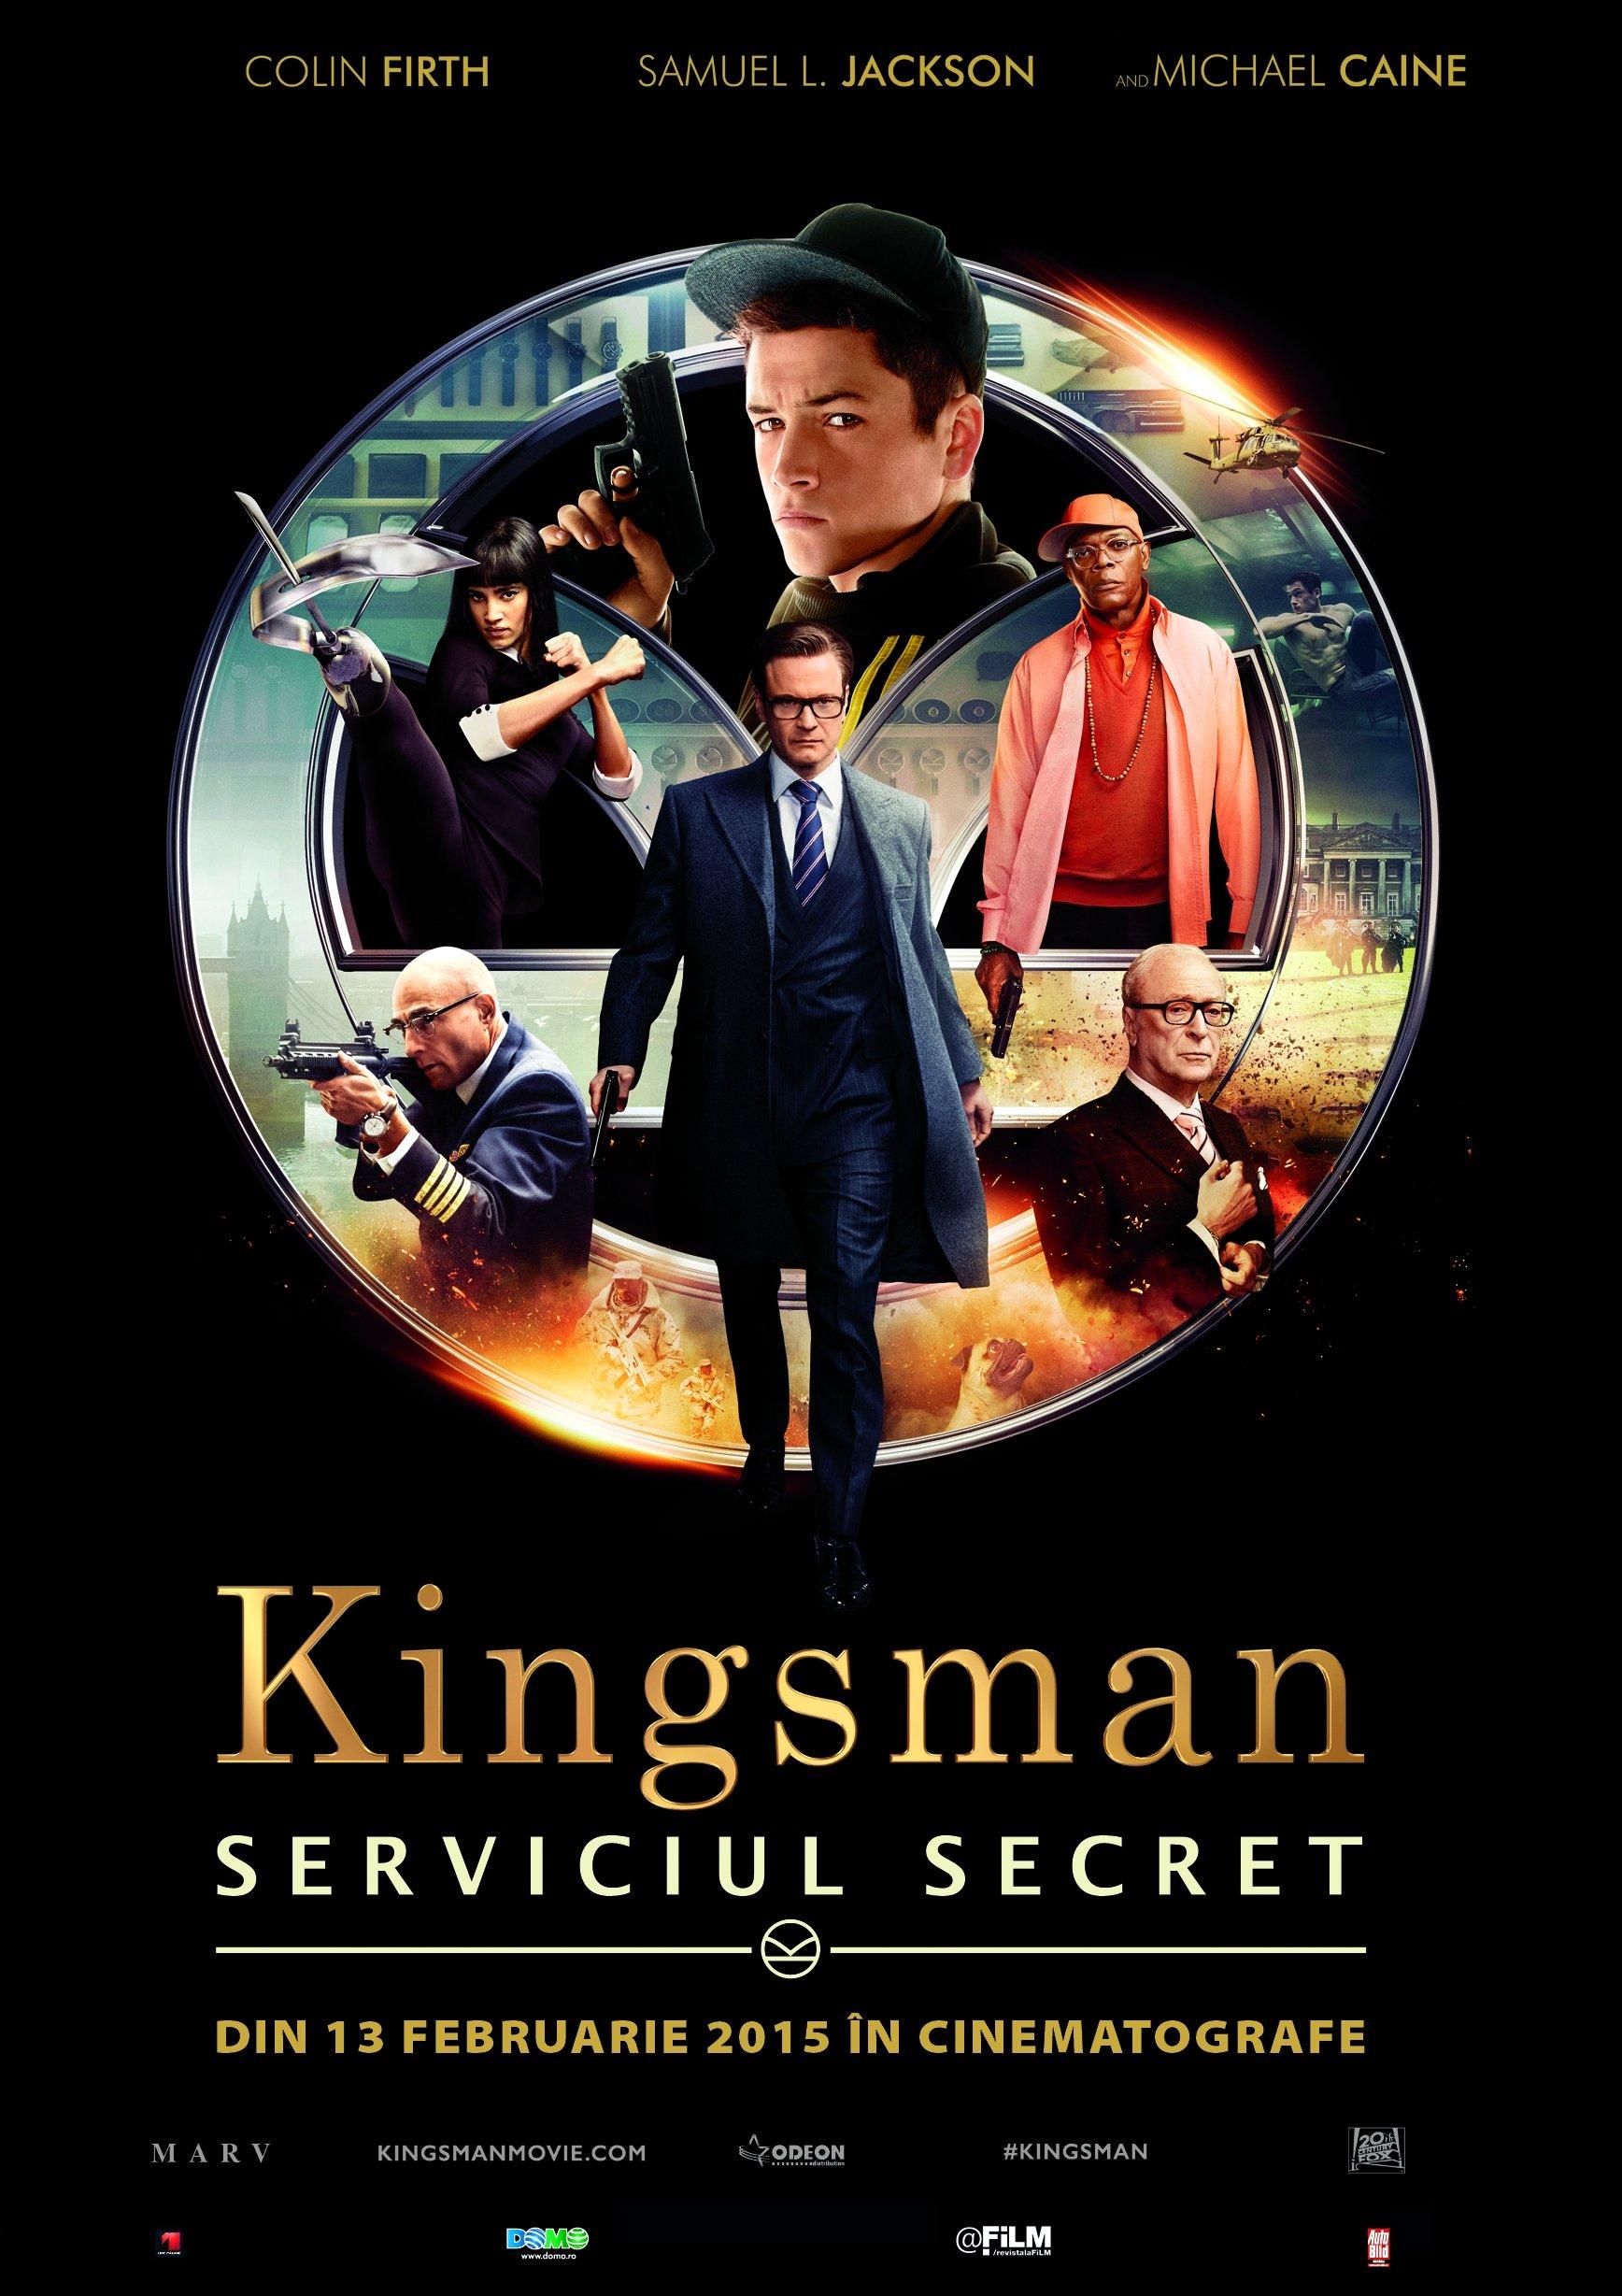 Kingsman Serviciul Secret